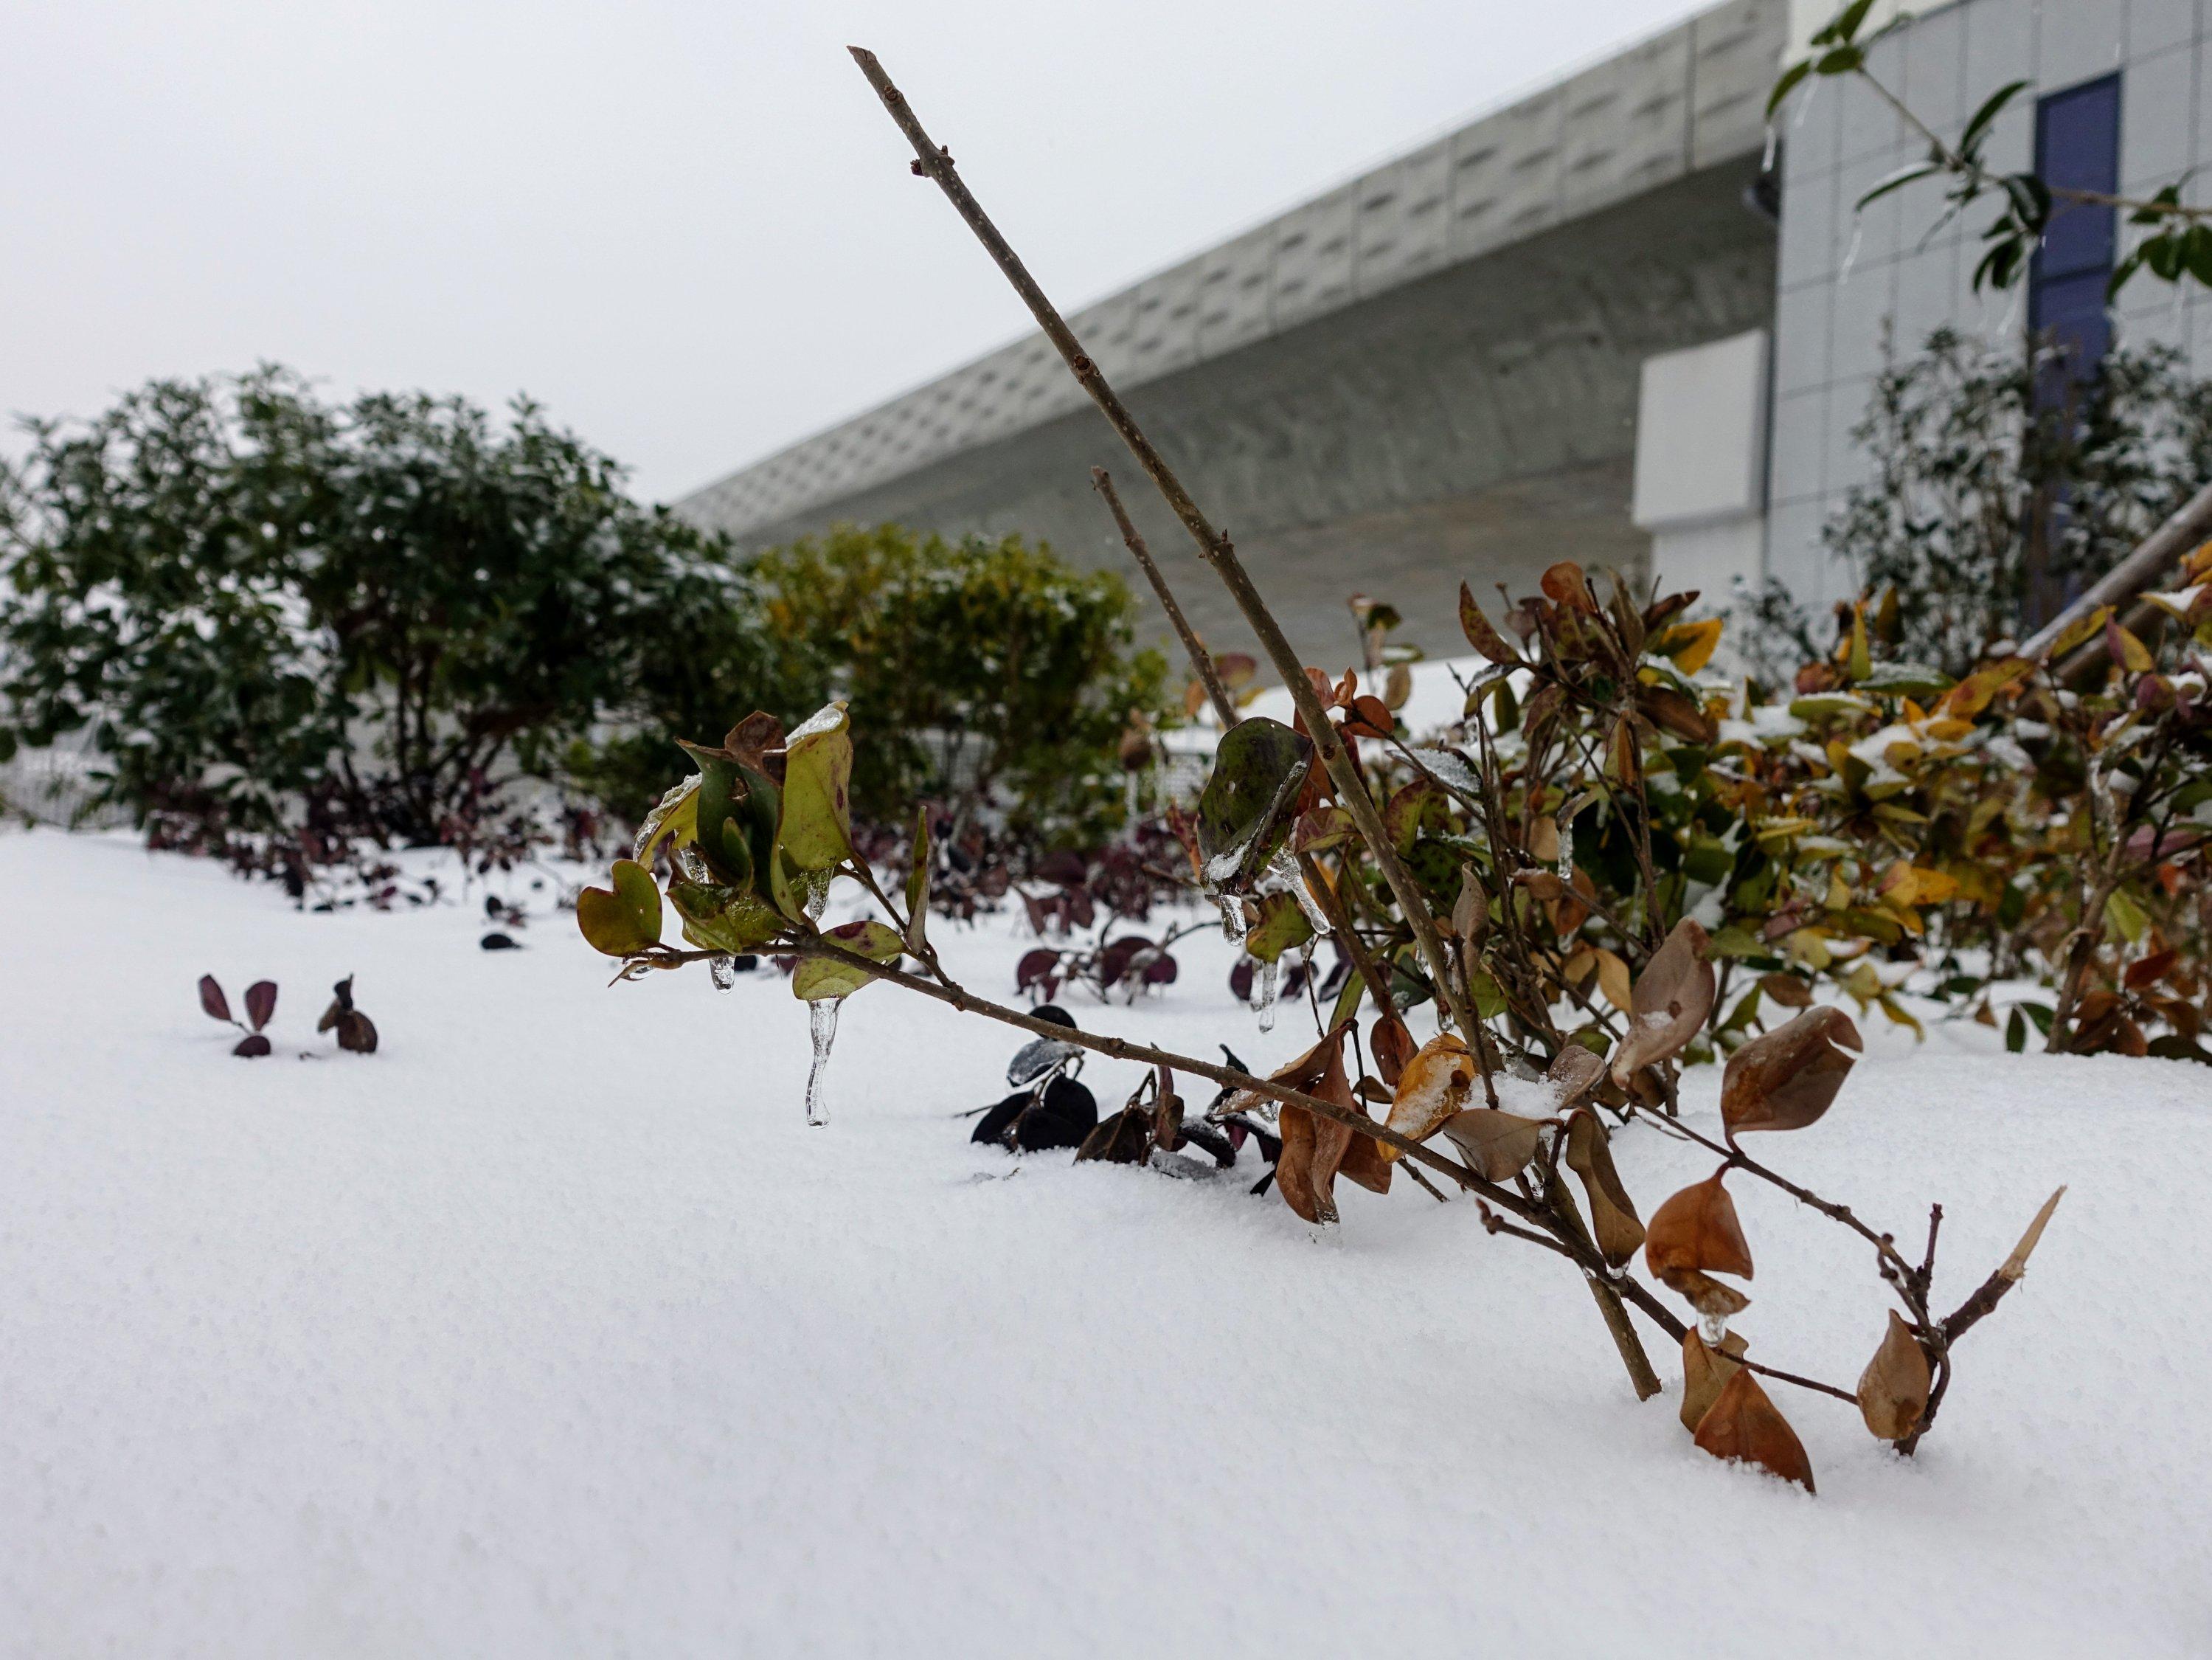 这片雪有个不太好的背景,总之是那么回事